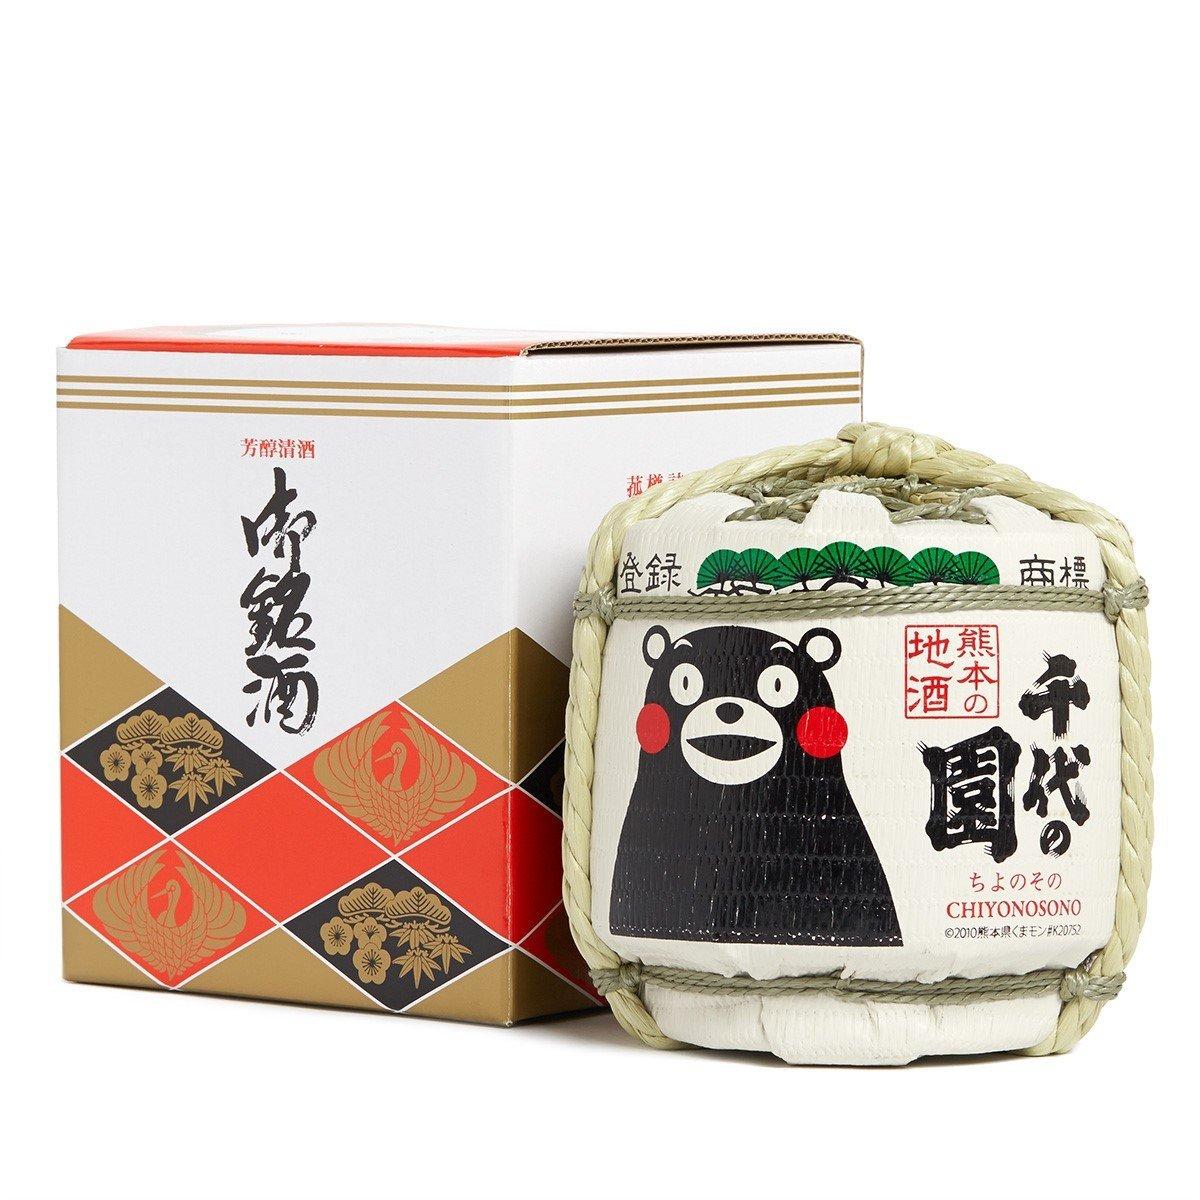 熊本熊 X 千代黑松菰樽 1800ml